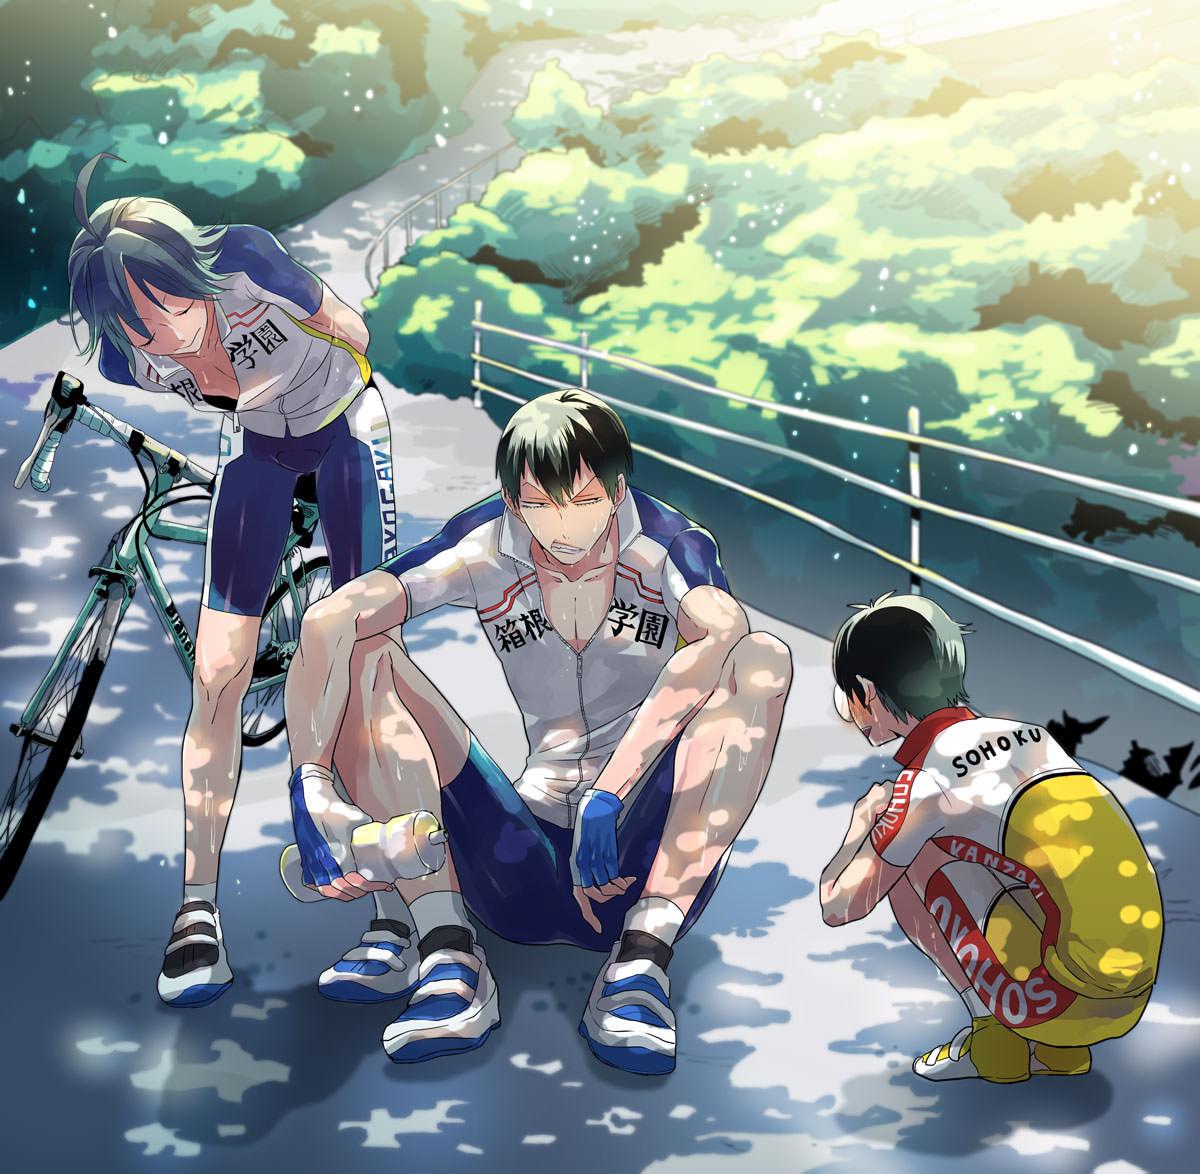 【2chアニメ・漫画】「弱虫ペダル」TVアニメ第3期の制作決定 です!